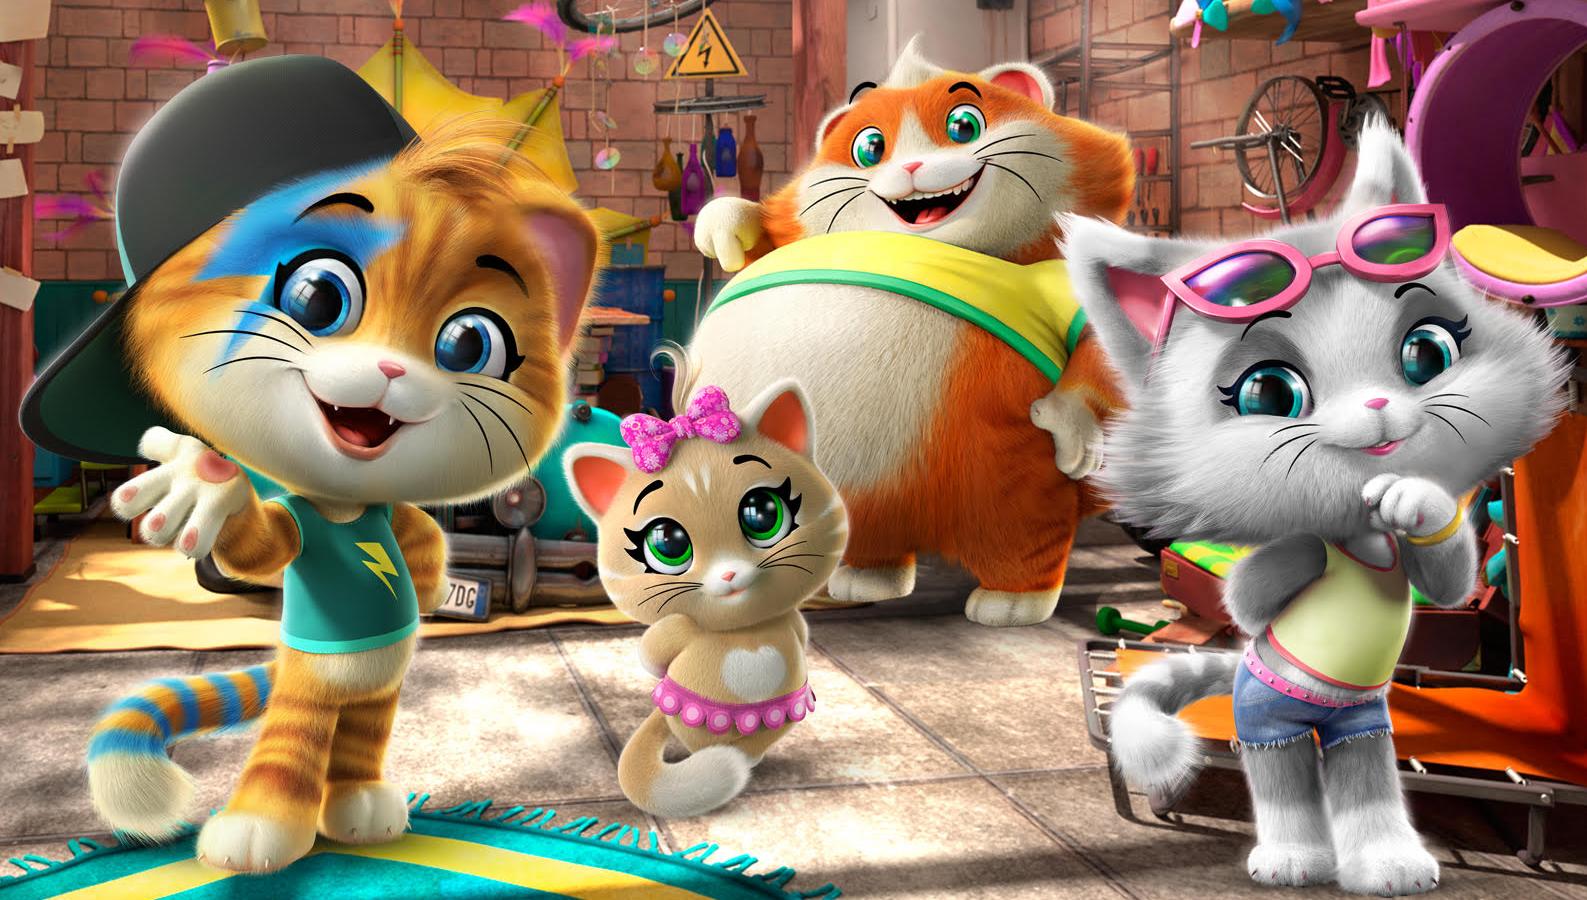 44 gatti nuove puntate dal 20 maggio gli ultimi episodi della prima